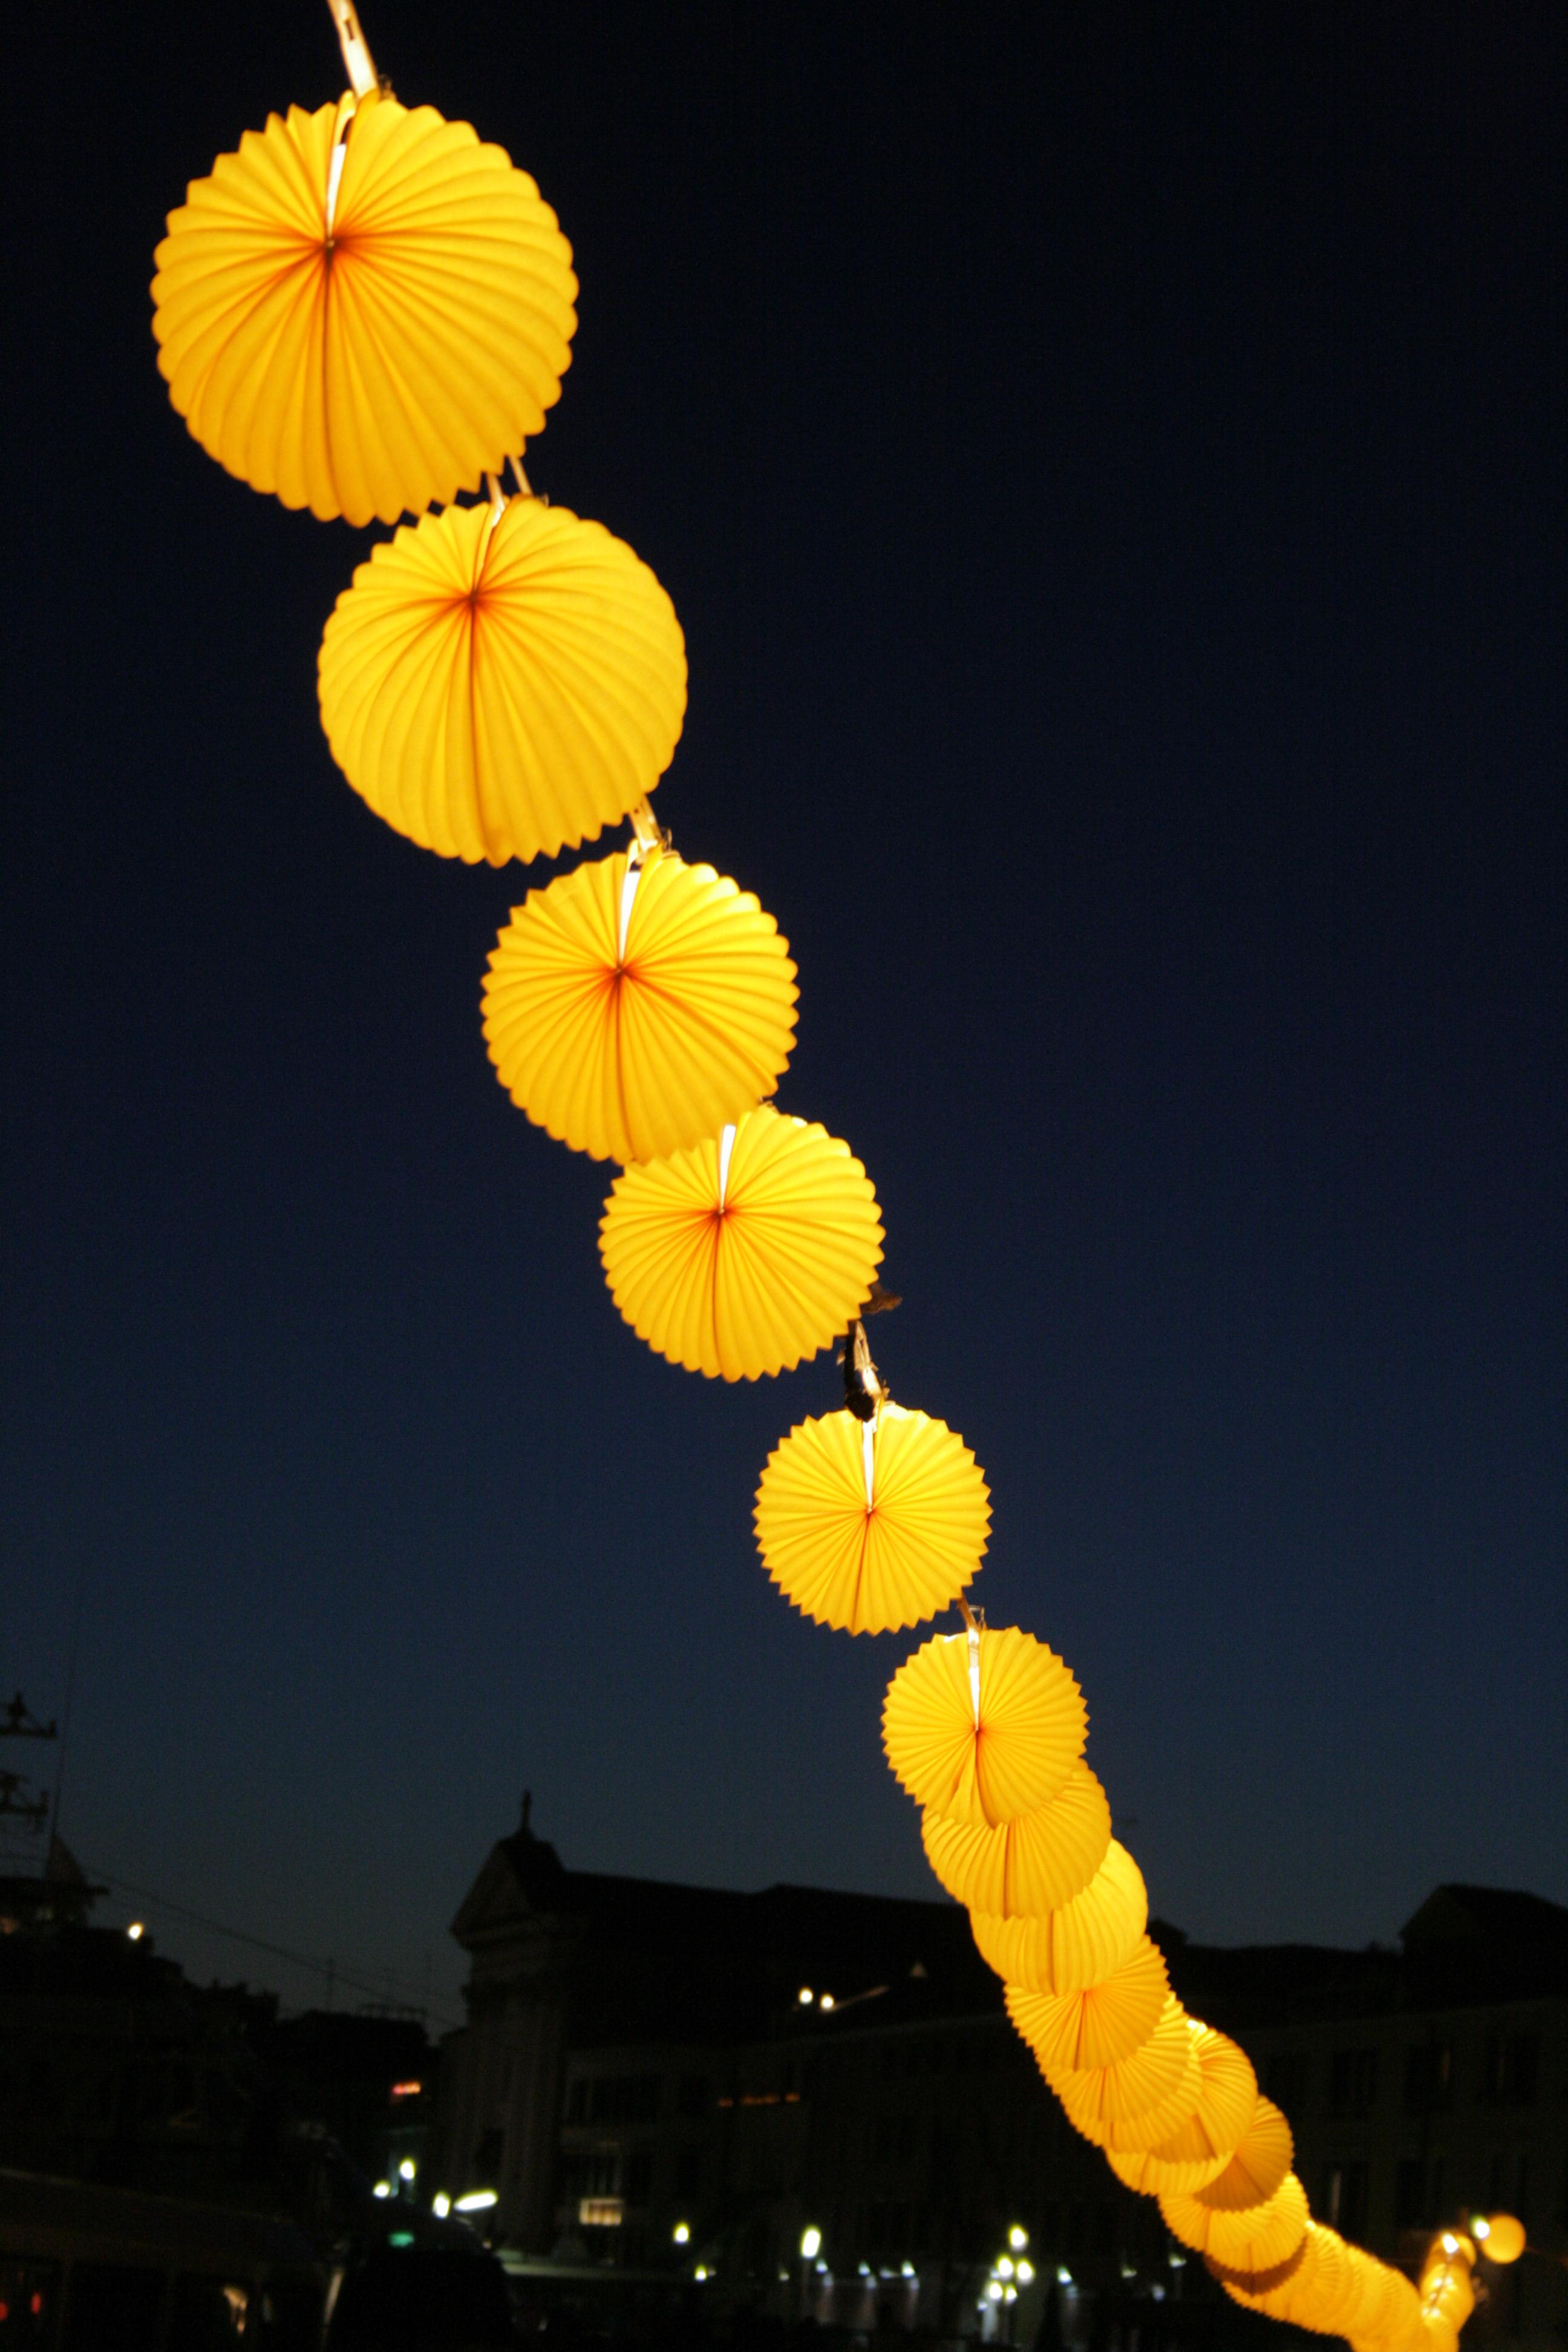 LAMPIONCINI FESTA DEL REDENTORE